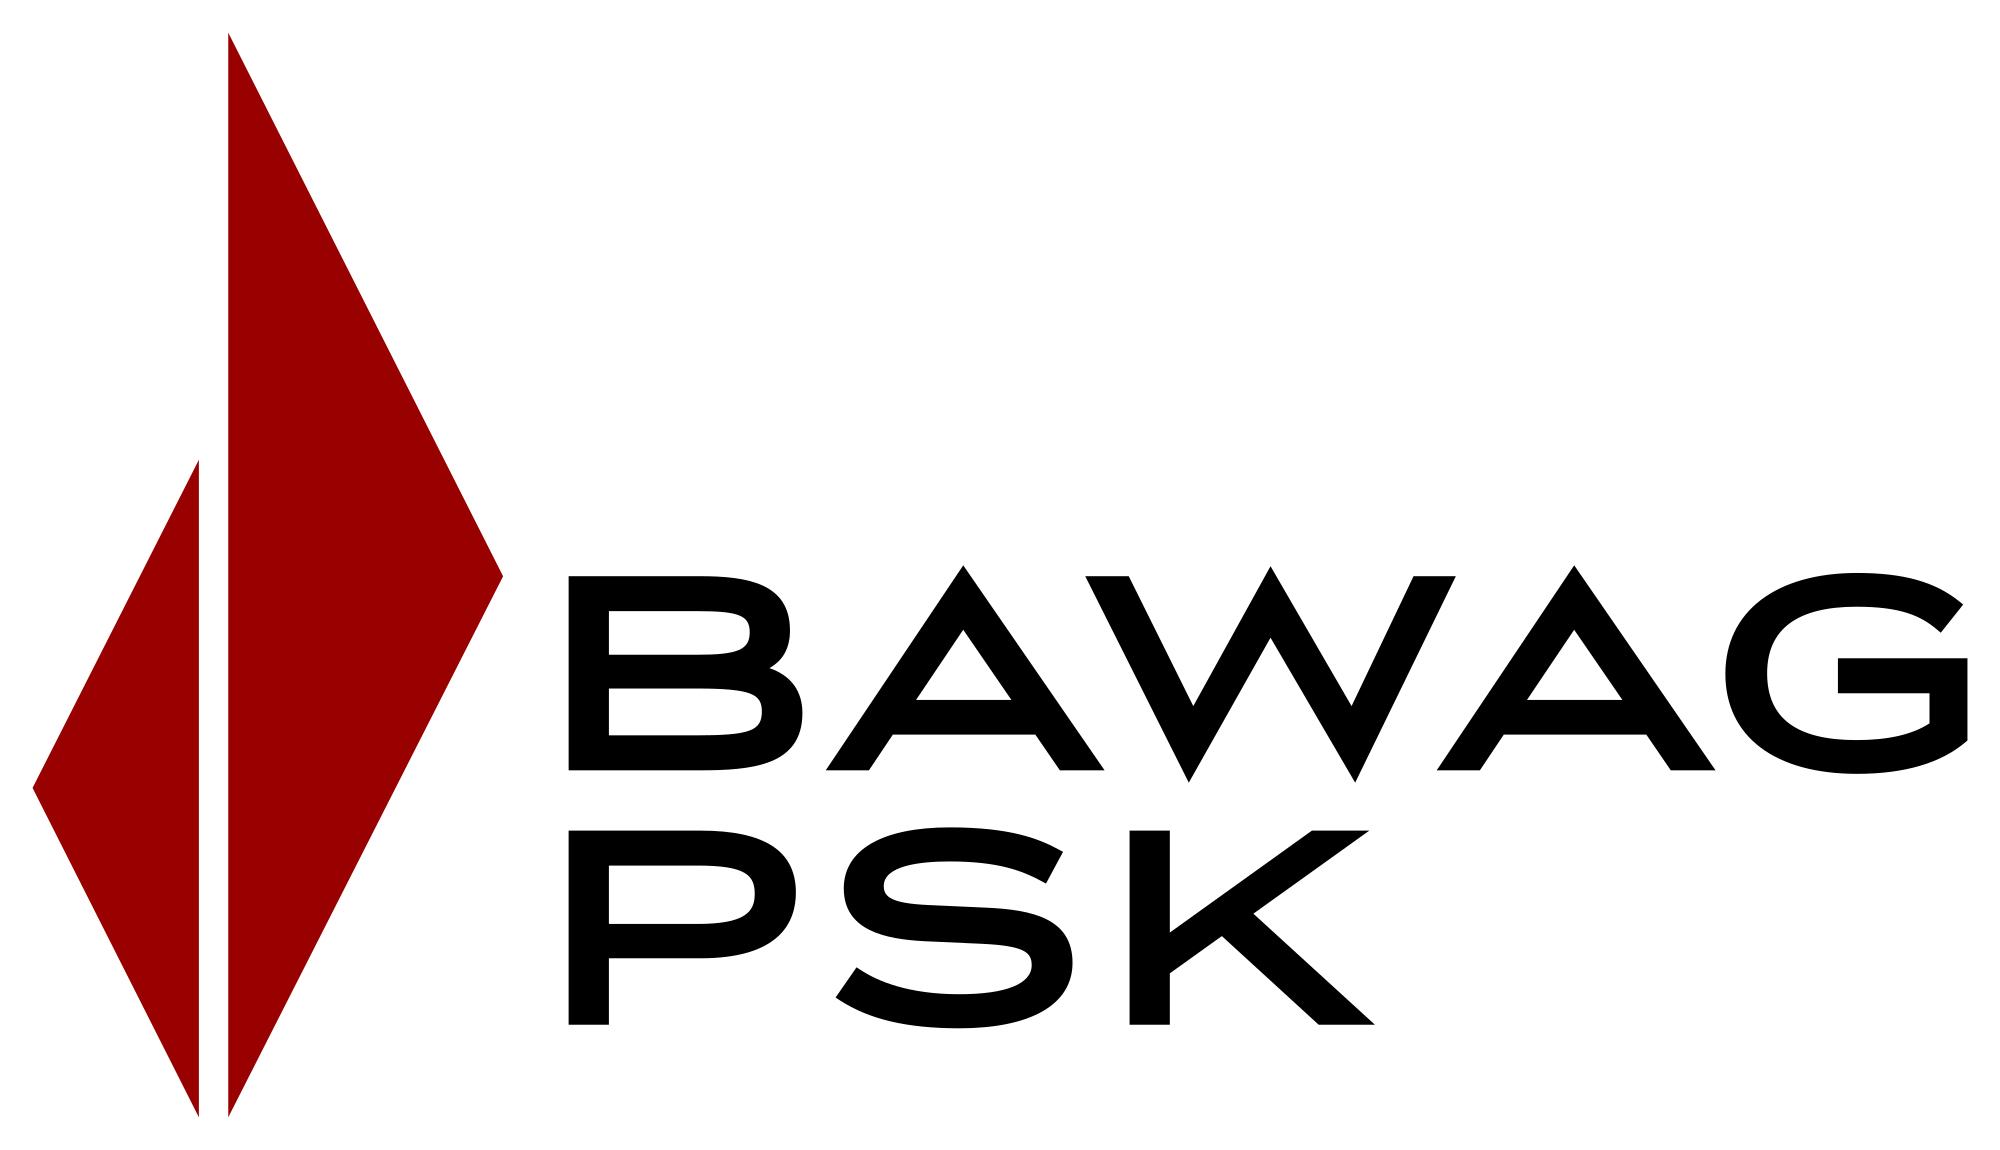 BAWAG P.S.K zahlt Kunden und Kundinnen Geld zurück (aufgrund Umsetzung einer Gerichtsentscheidungen)!